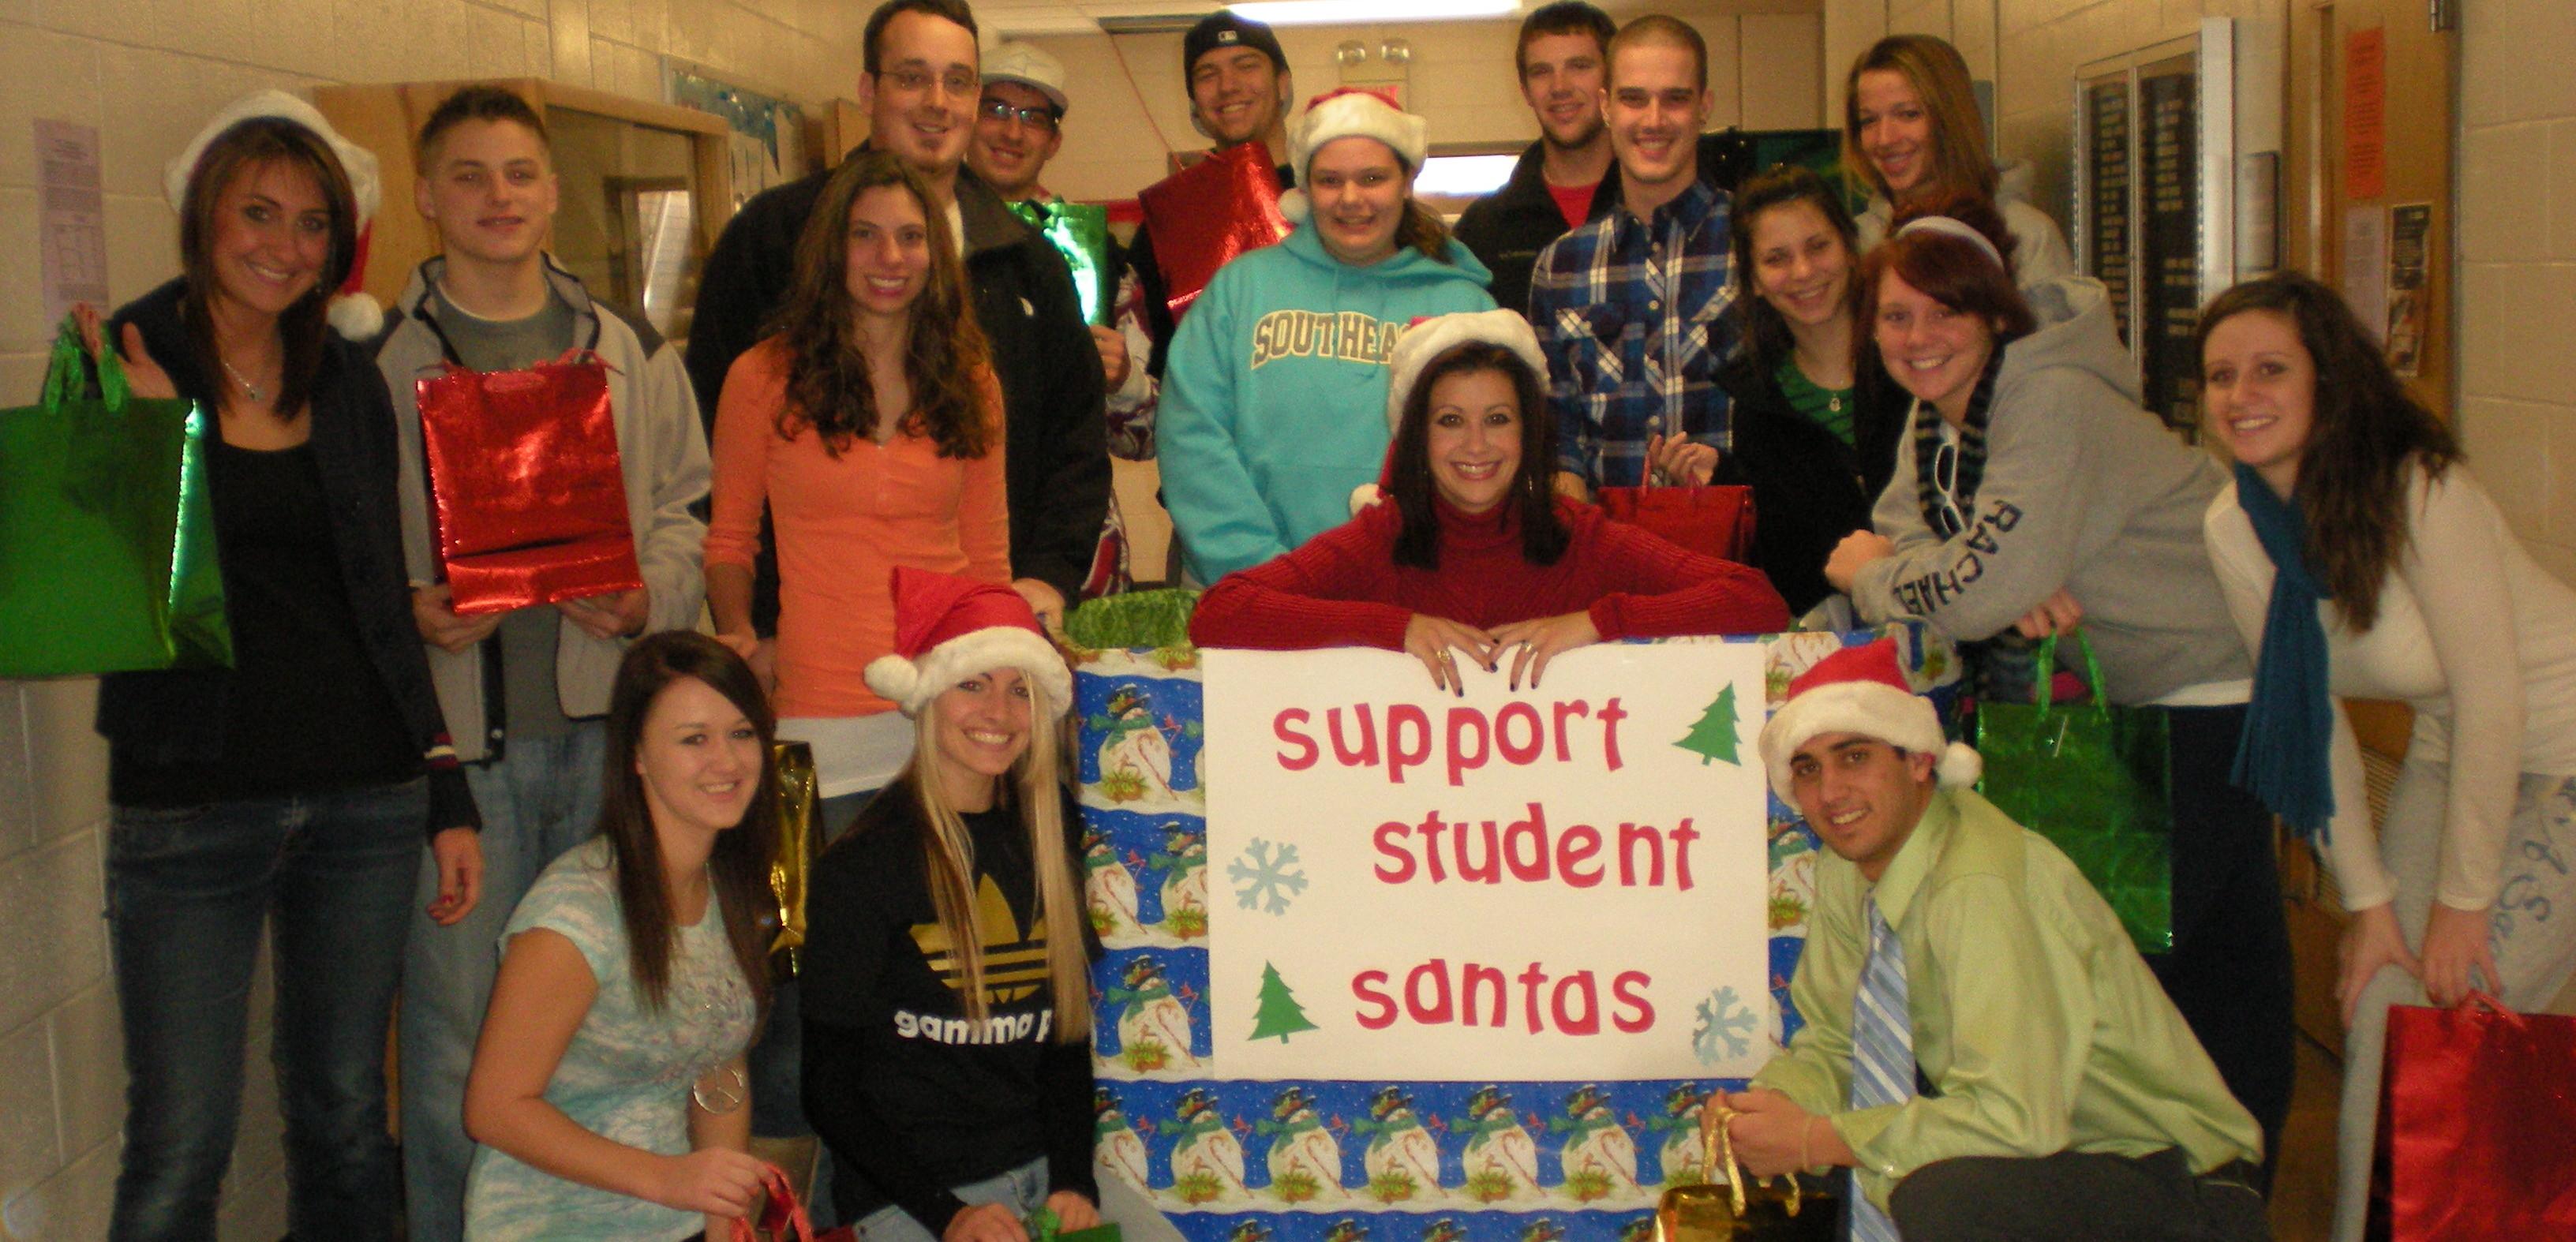 Student Santas